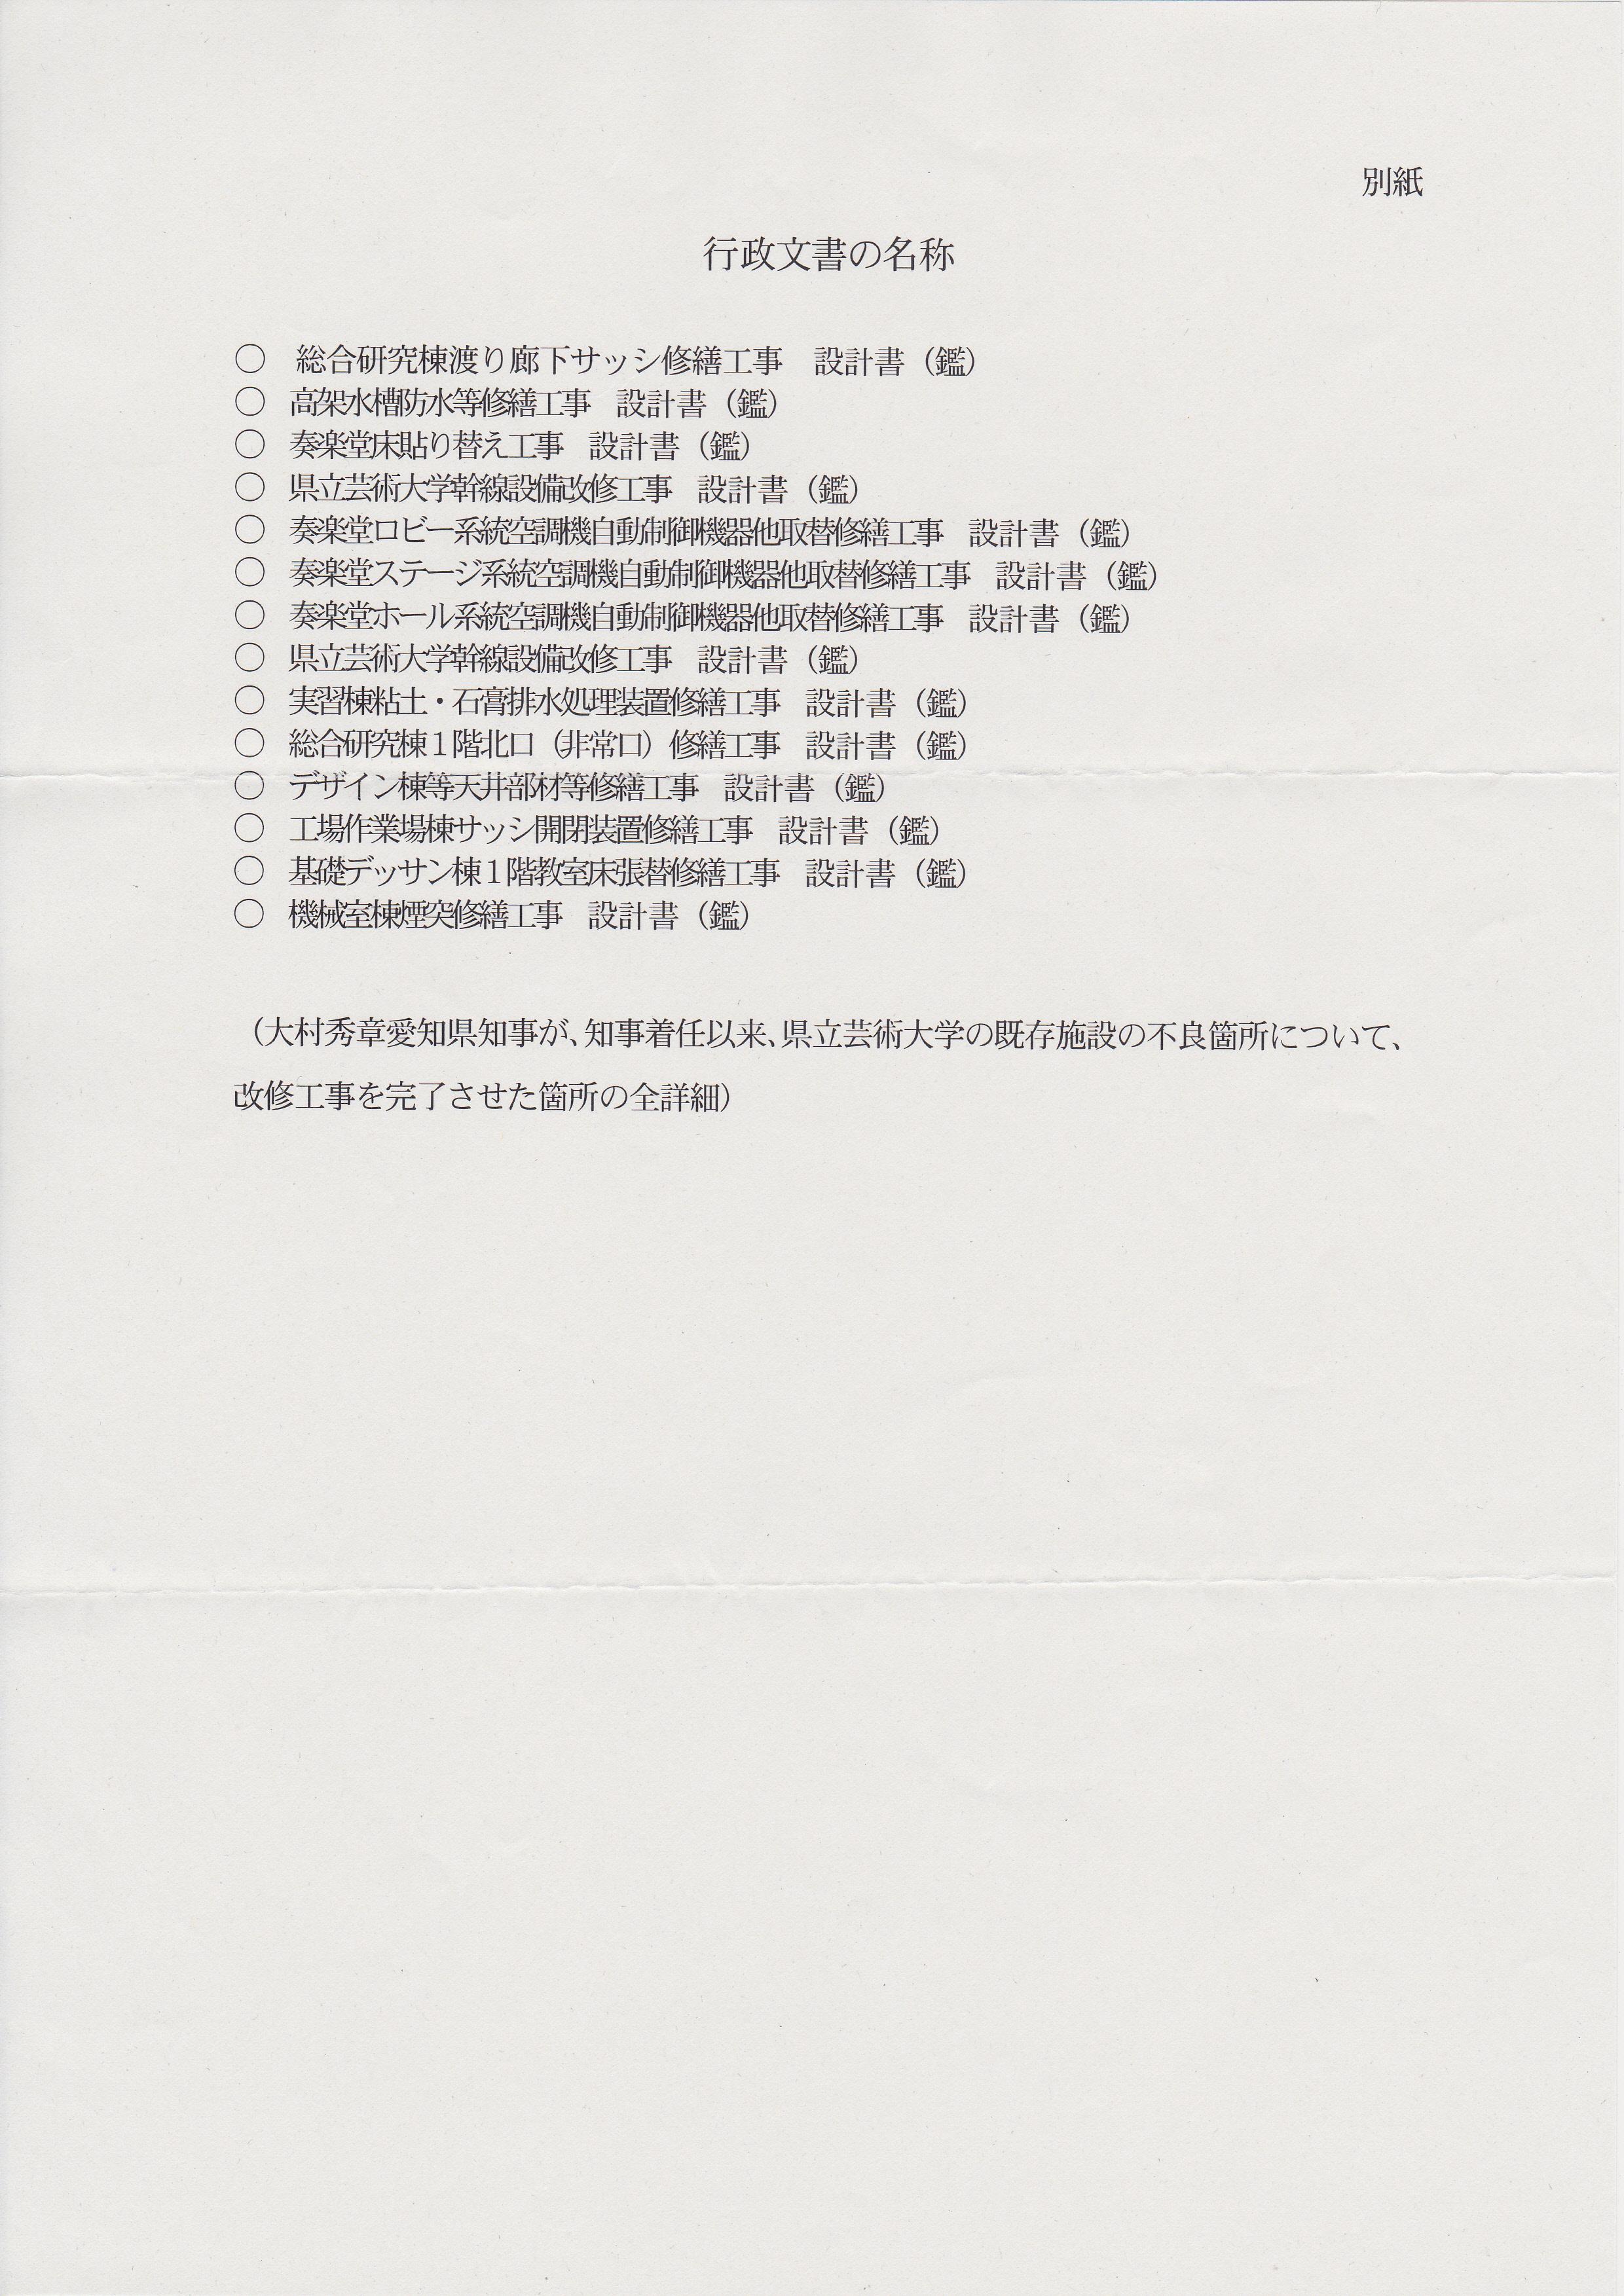 愛芸20141226 その1 (2)